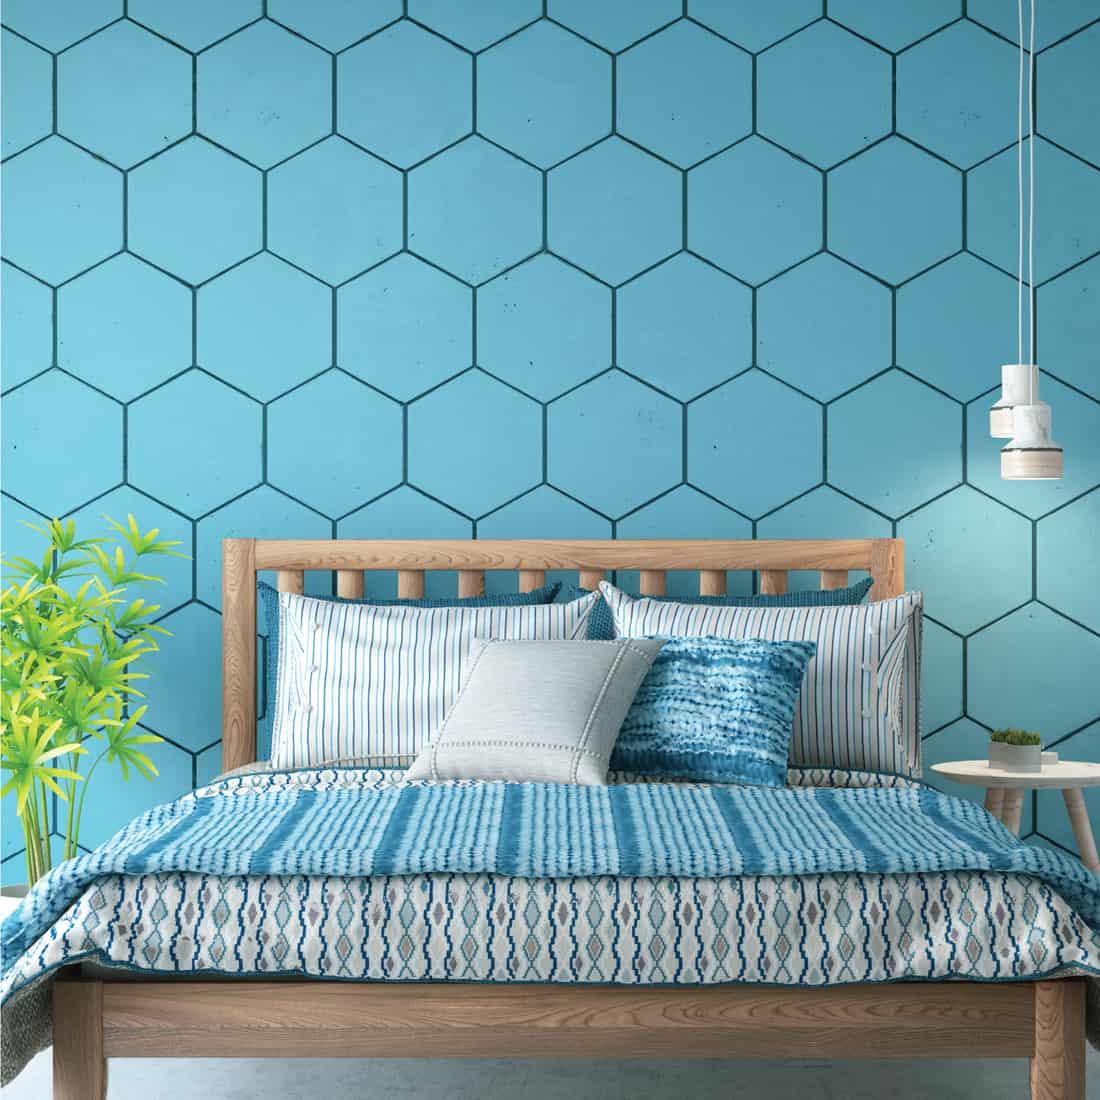 loft bedroom with Hexagon Design wallpaper